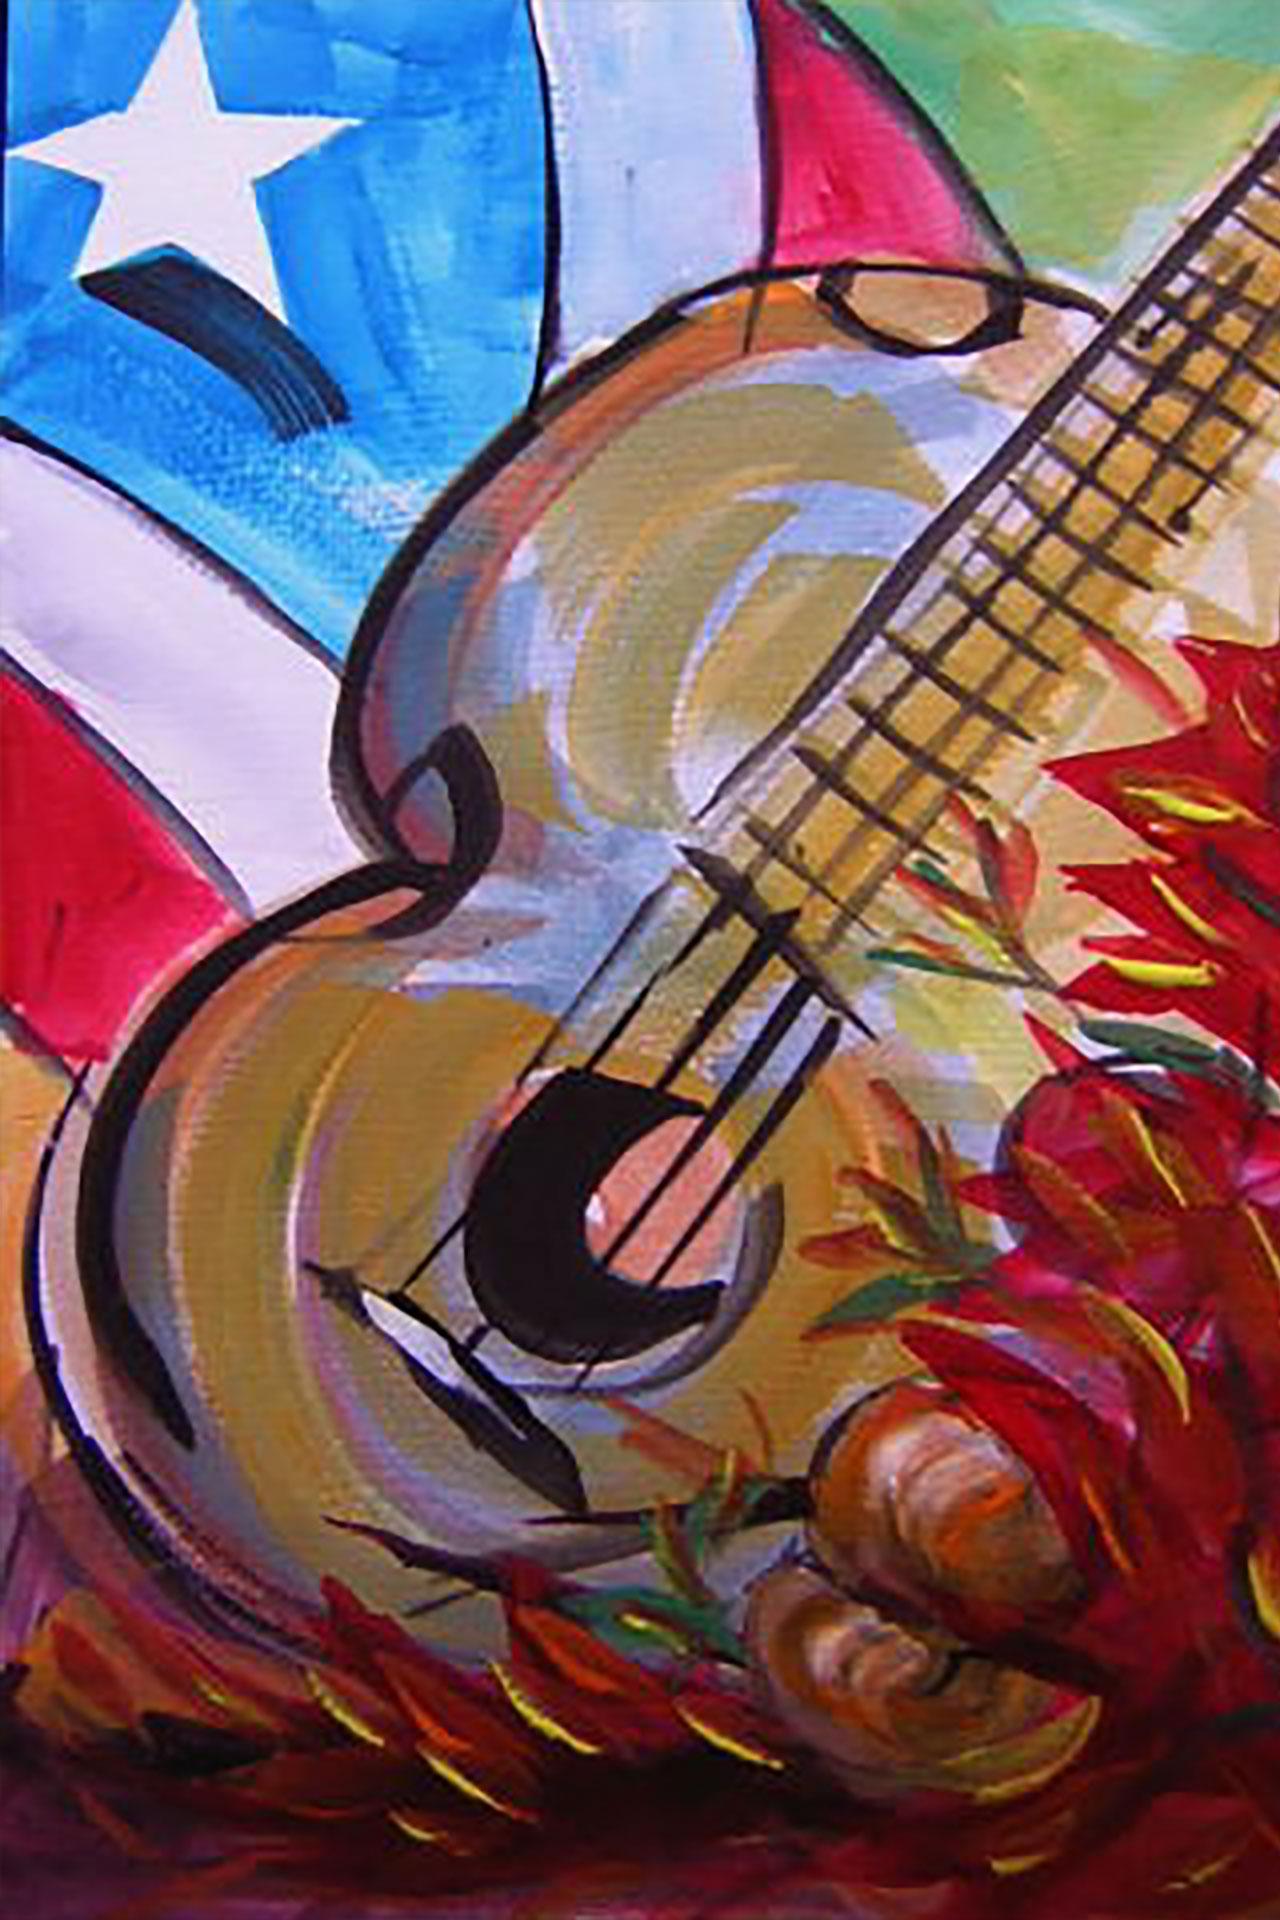 gerry ruiz cirino pascua boricua - Puerto Rican Christmas Music